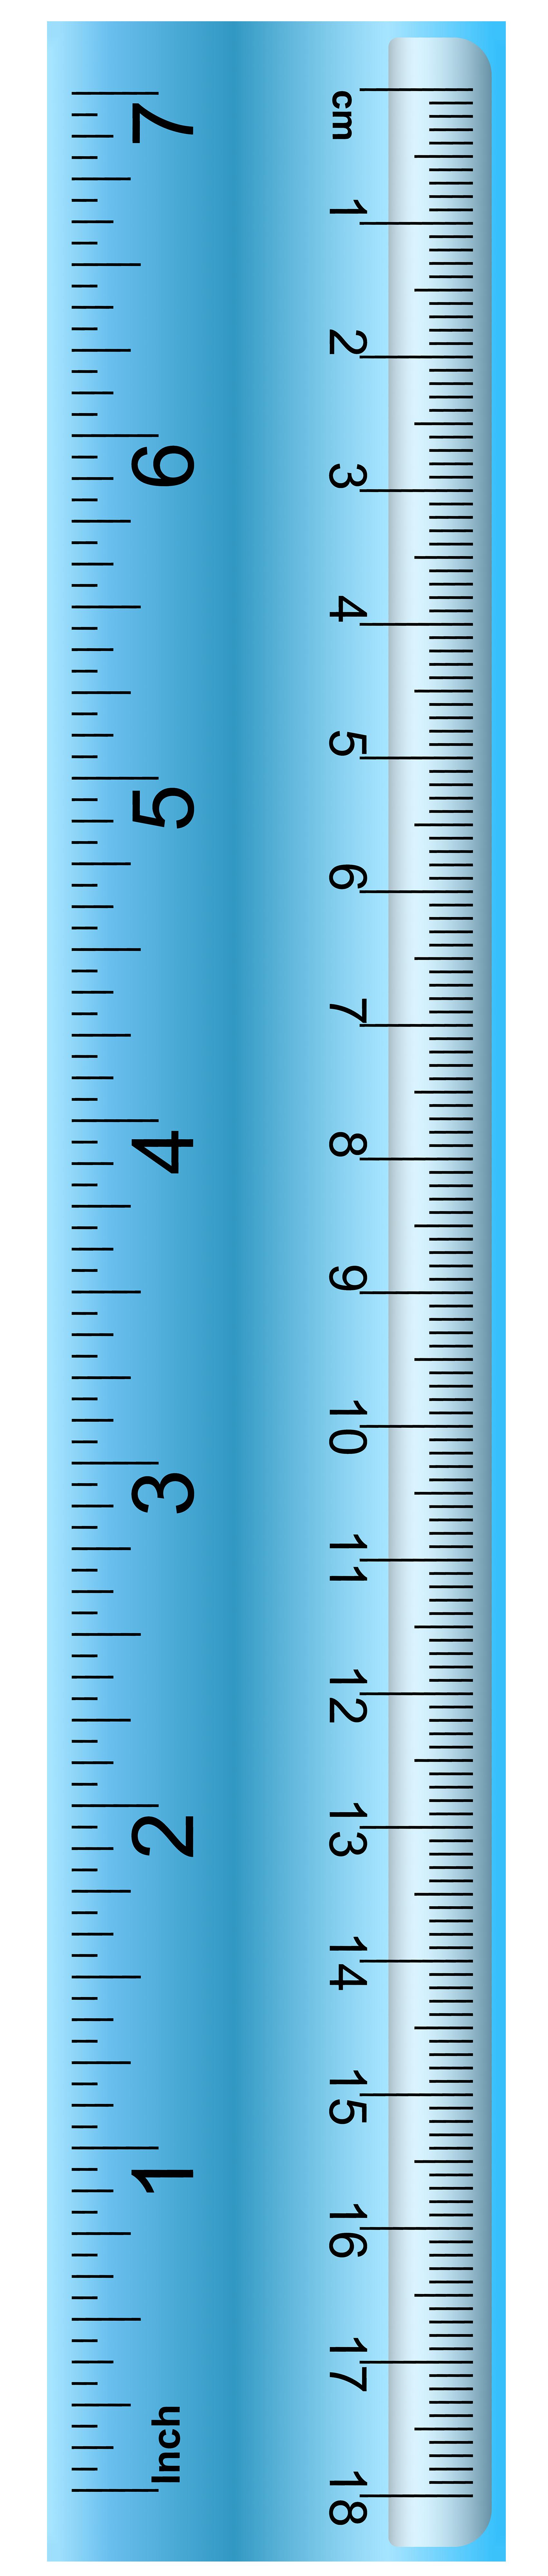 Clipart ruler blue. School png clip art